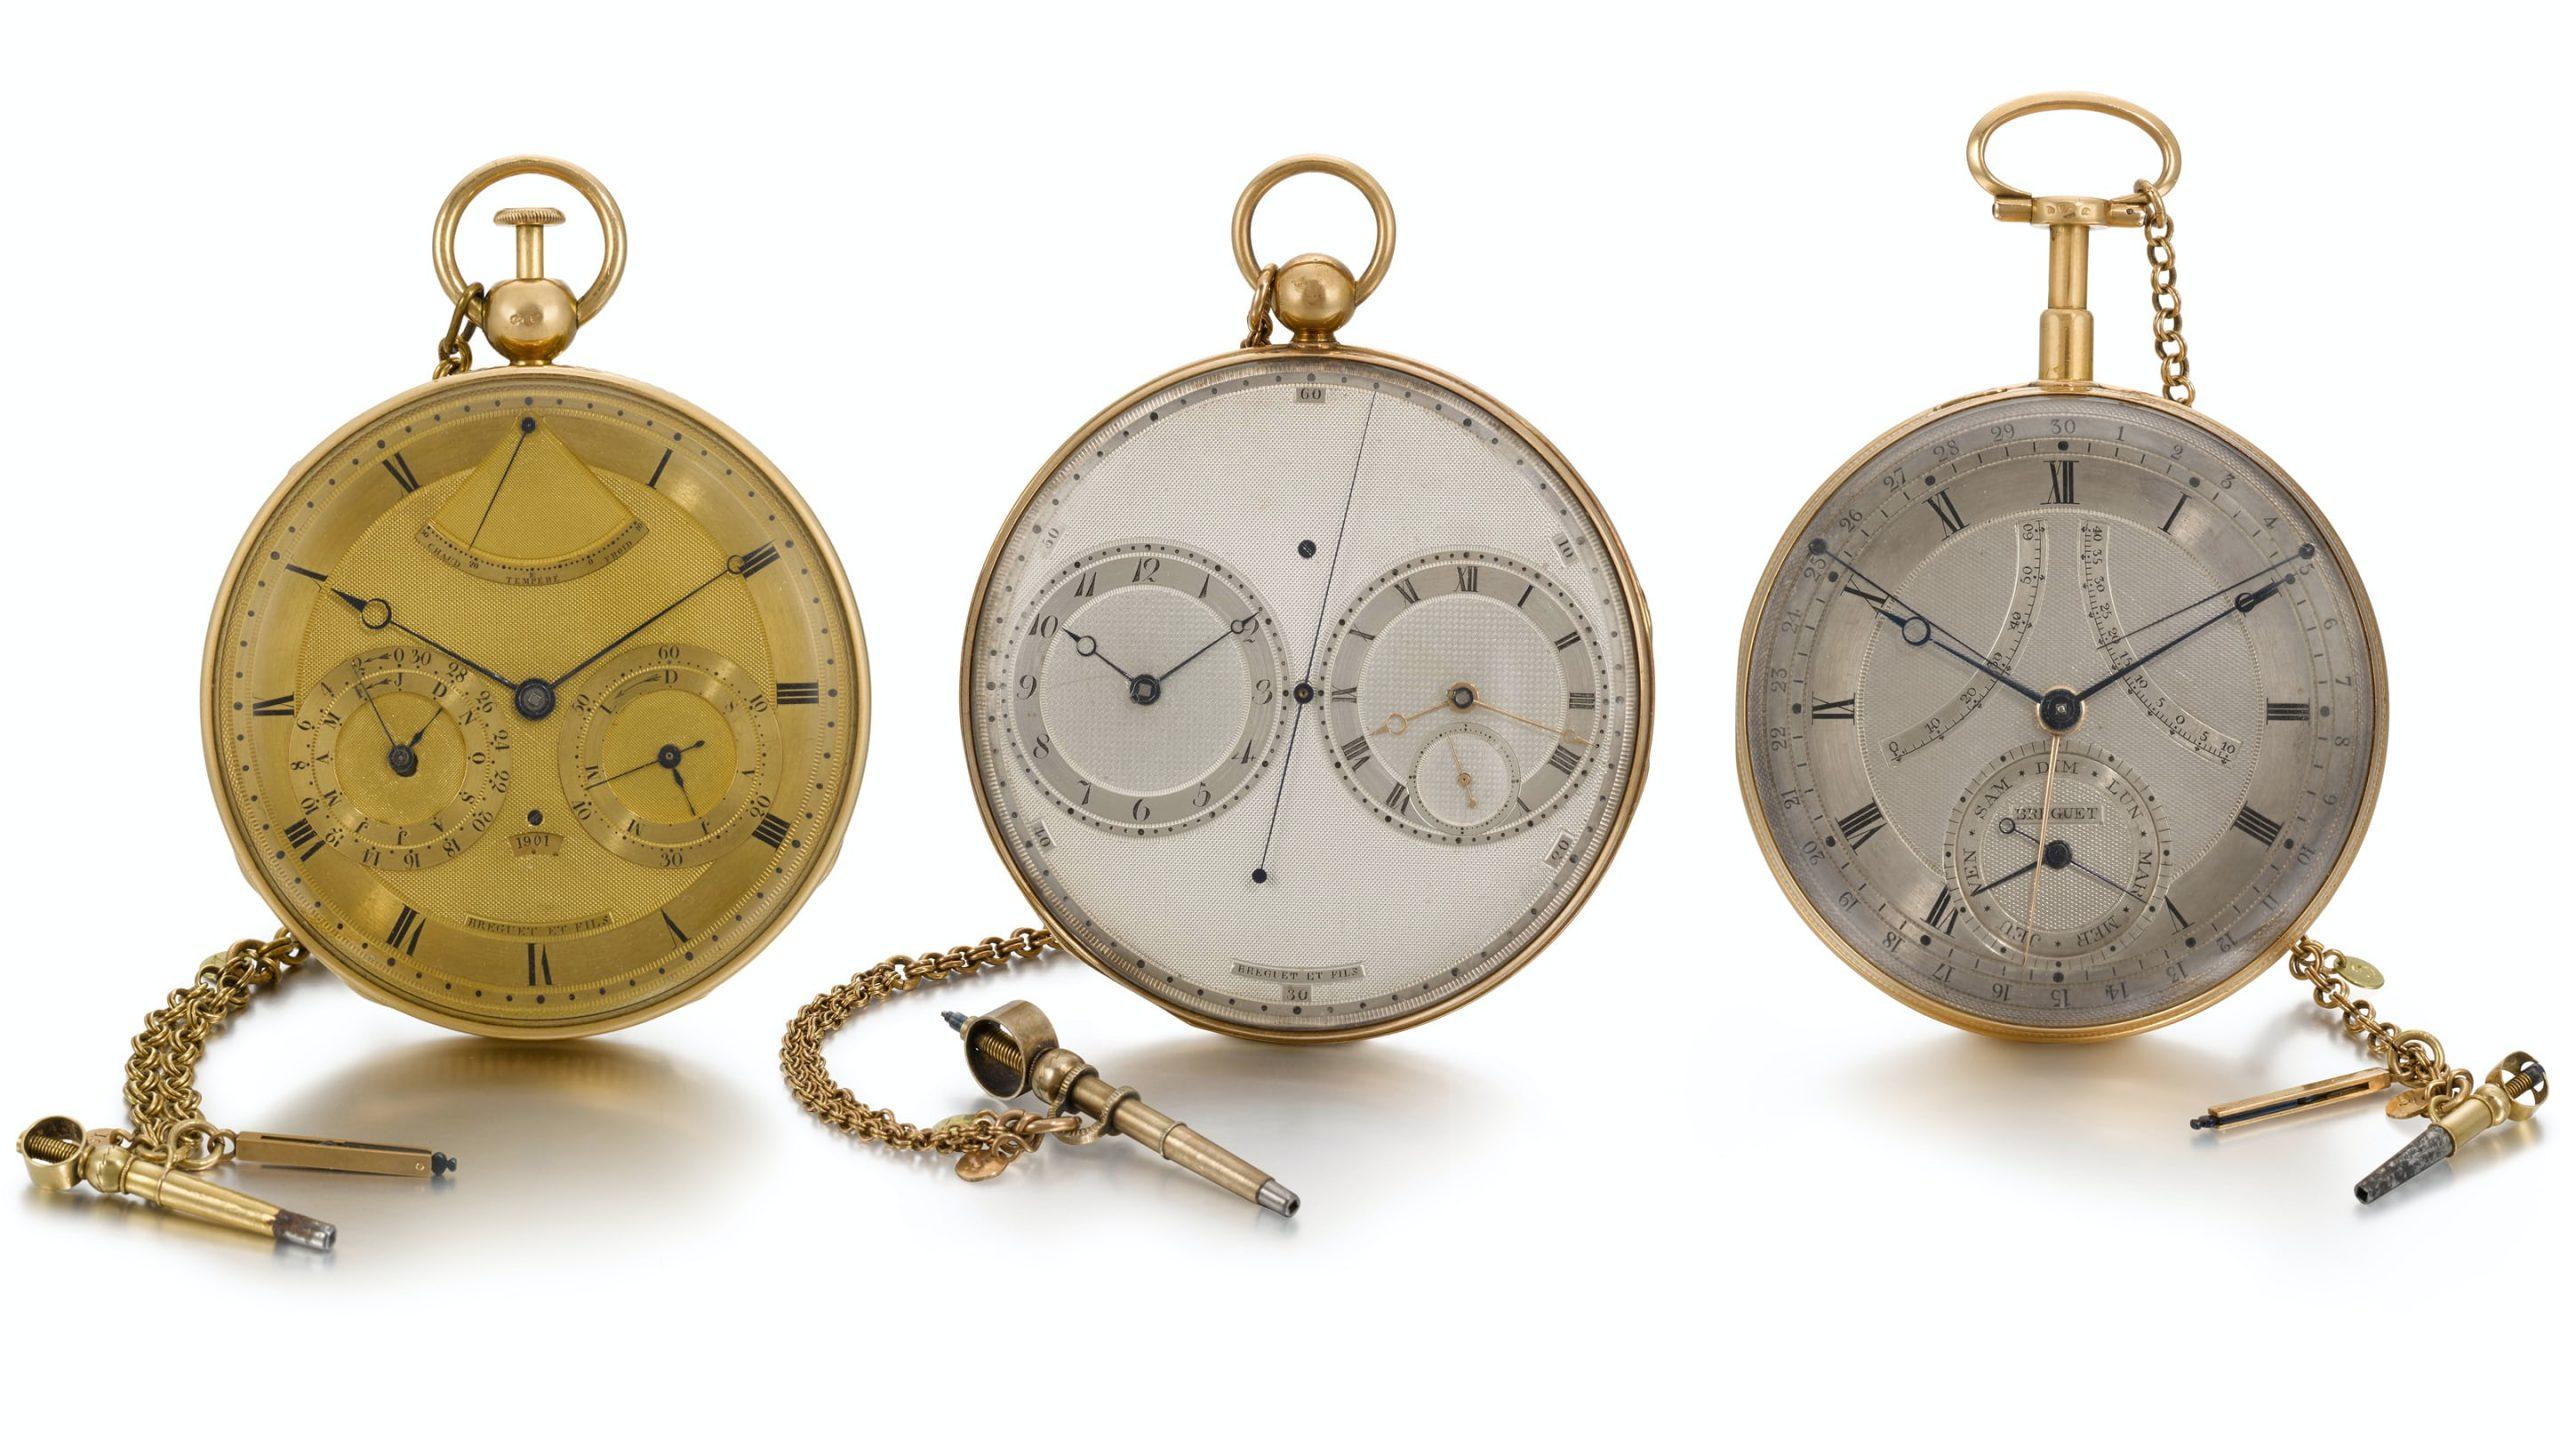 אוסף השעונים של דיוויד ליונל סלומונס - שלושה שעוני ברגה המוצעים למכירה על ידי המוזיאון לאומנות האיסלאם. מקור - Hodinkee.